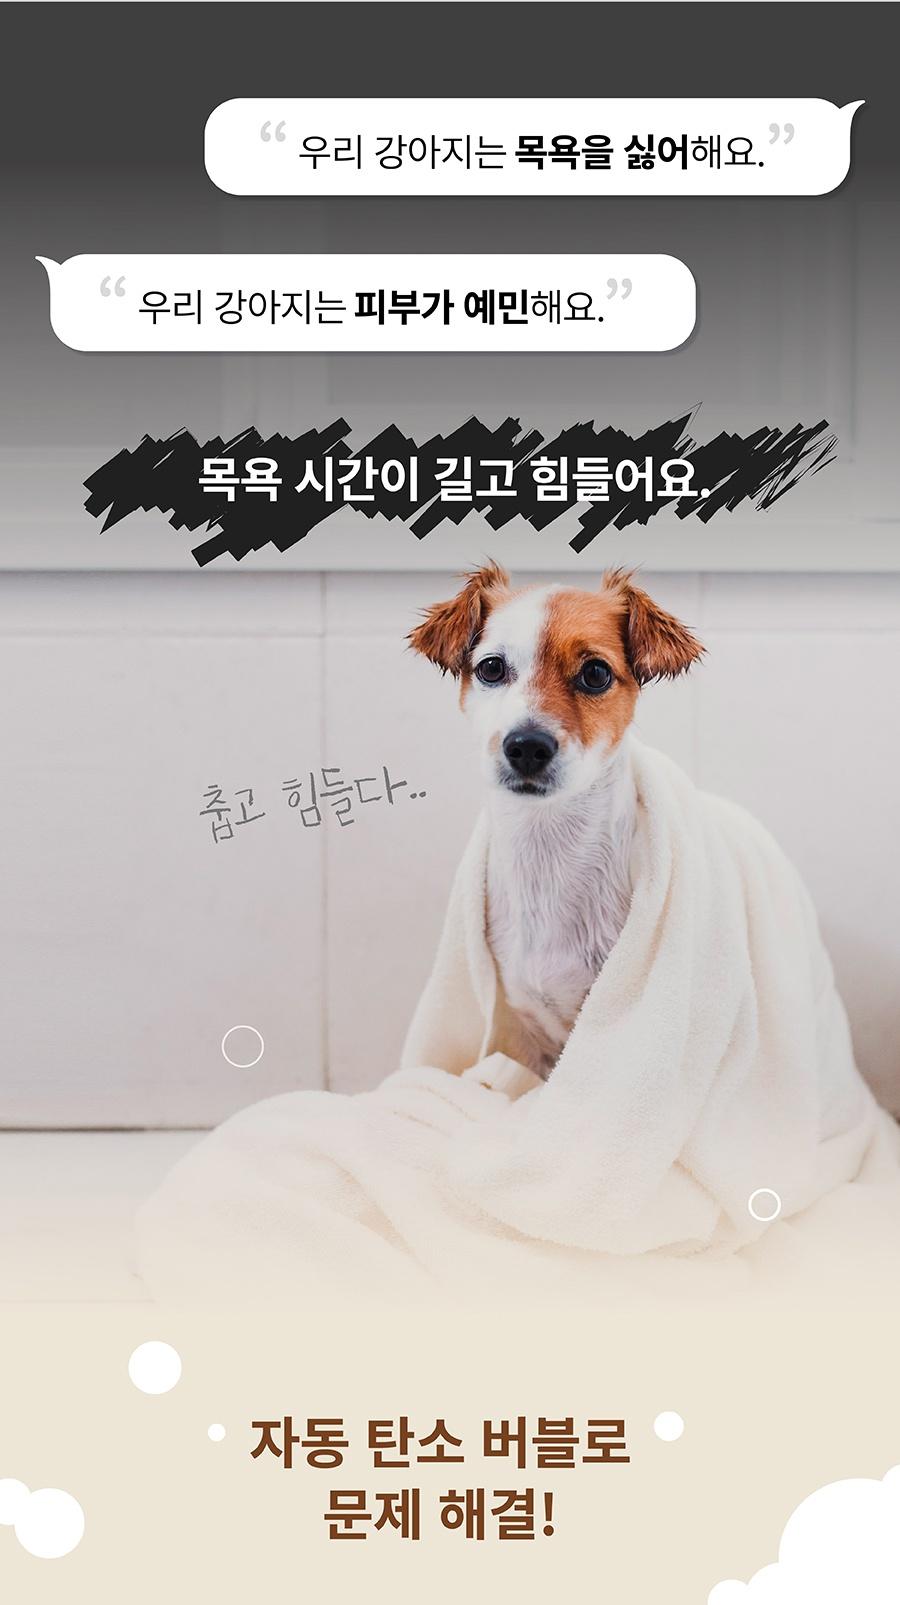 [EVENT] 포우장 보글보글 탄산샴푸-상품이미지-0